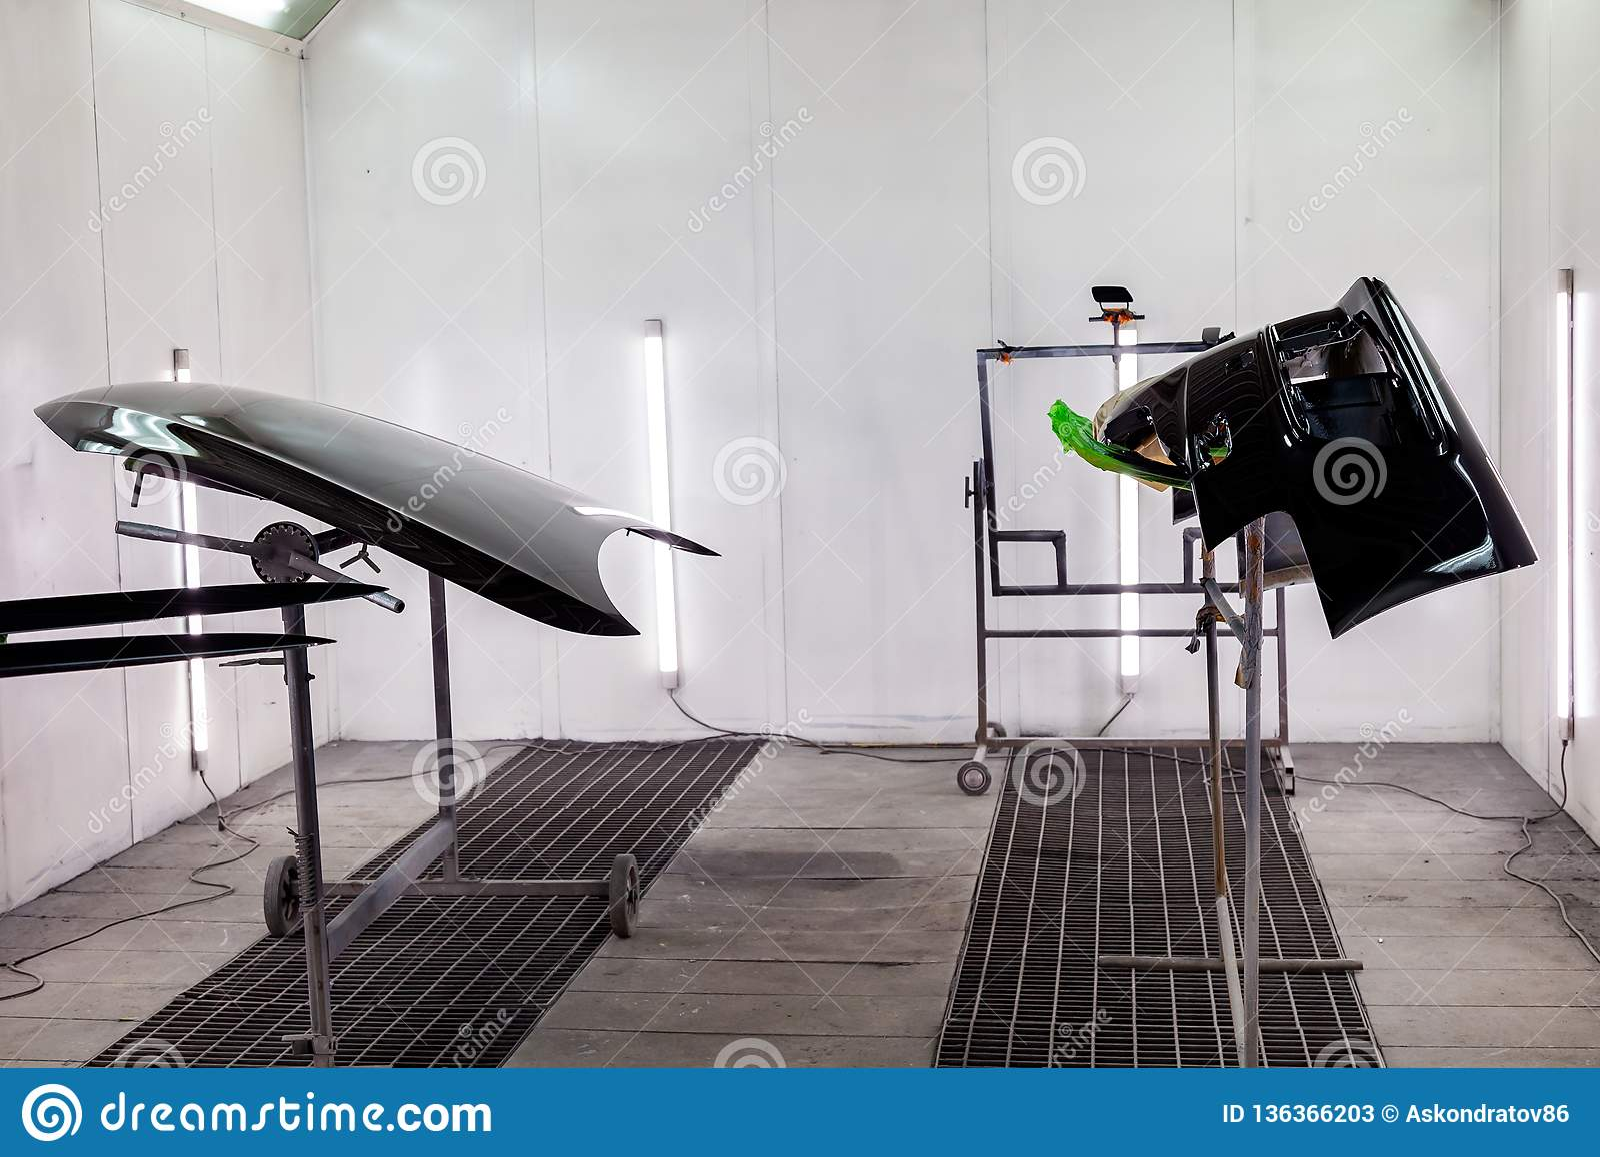 Måla och torka i en yrkesmässig ask av bilkroppsdelar, når att ha applicerat spackel och målarfärg på den svarta stötdämparen och